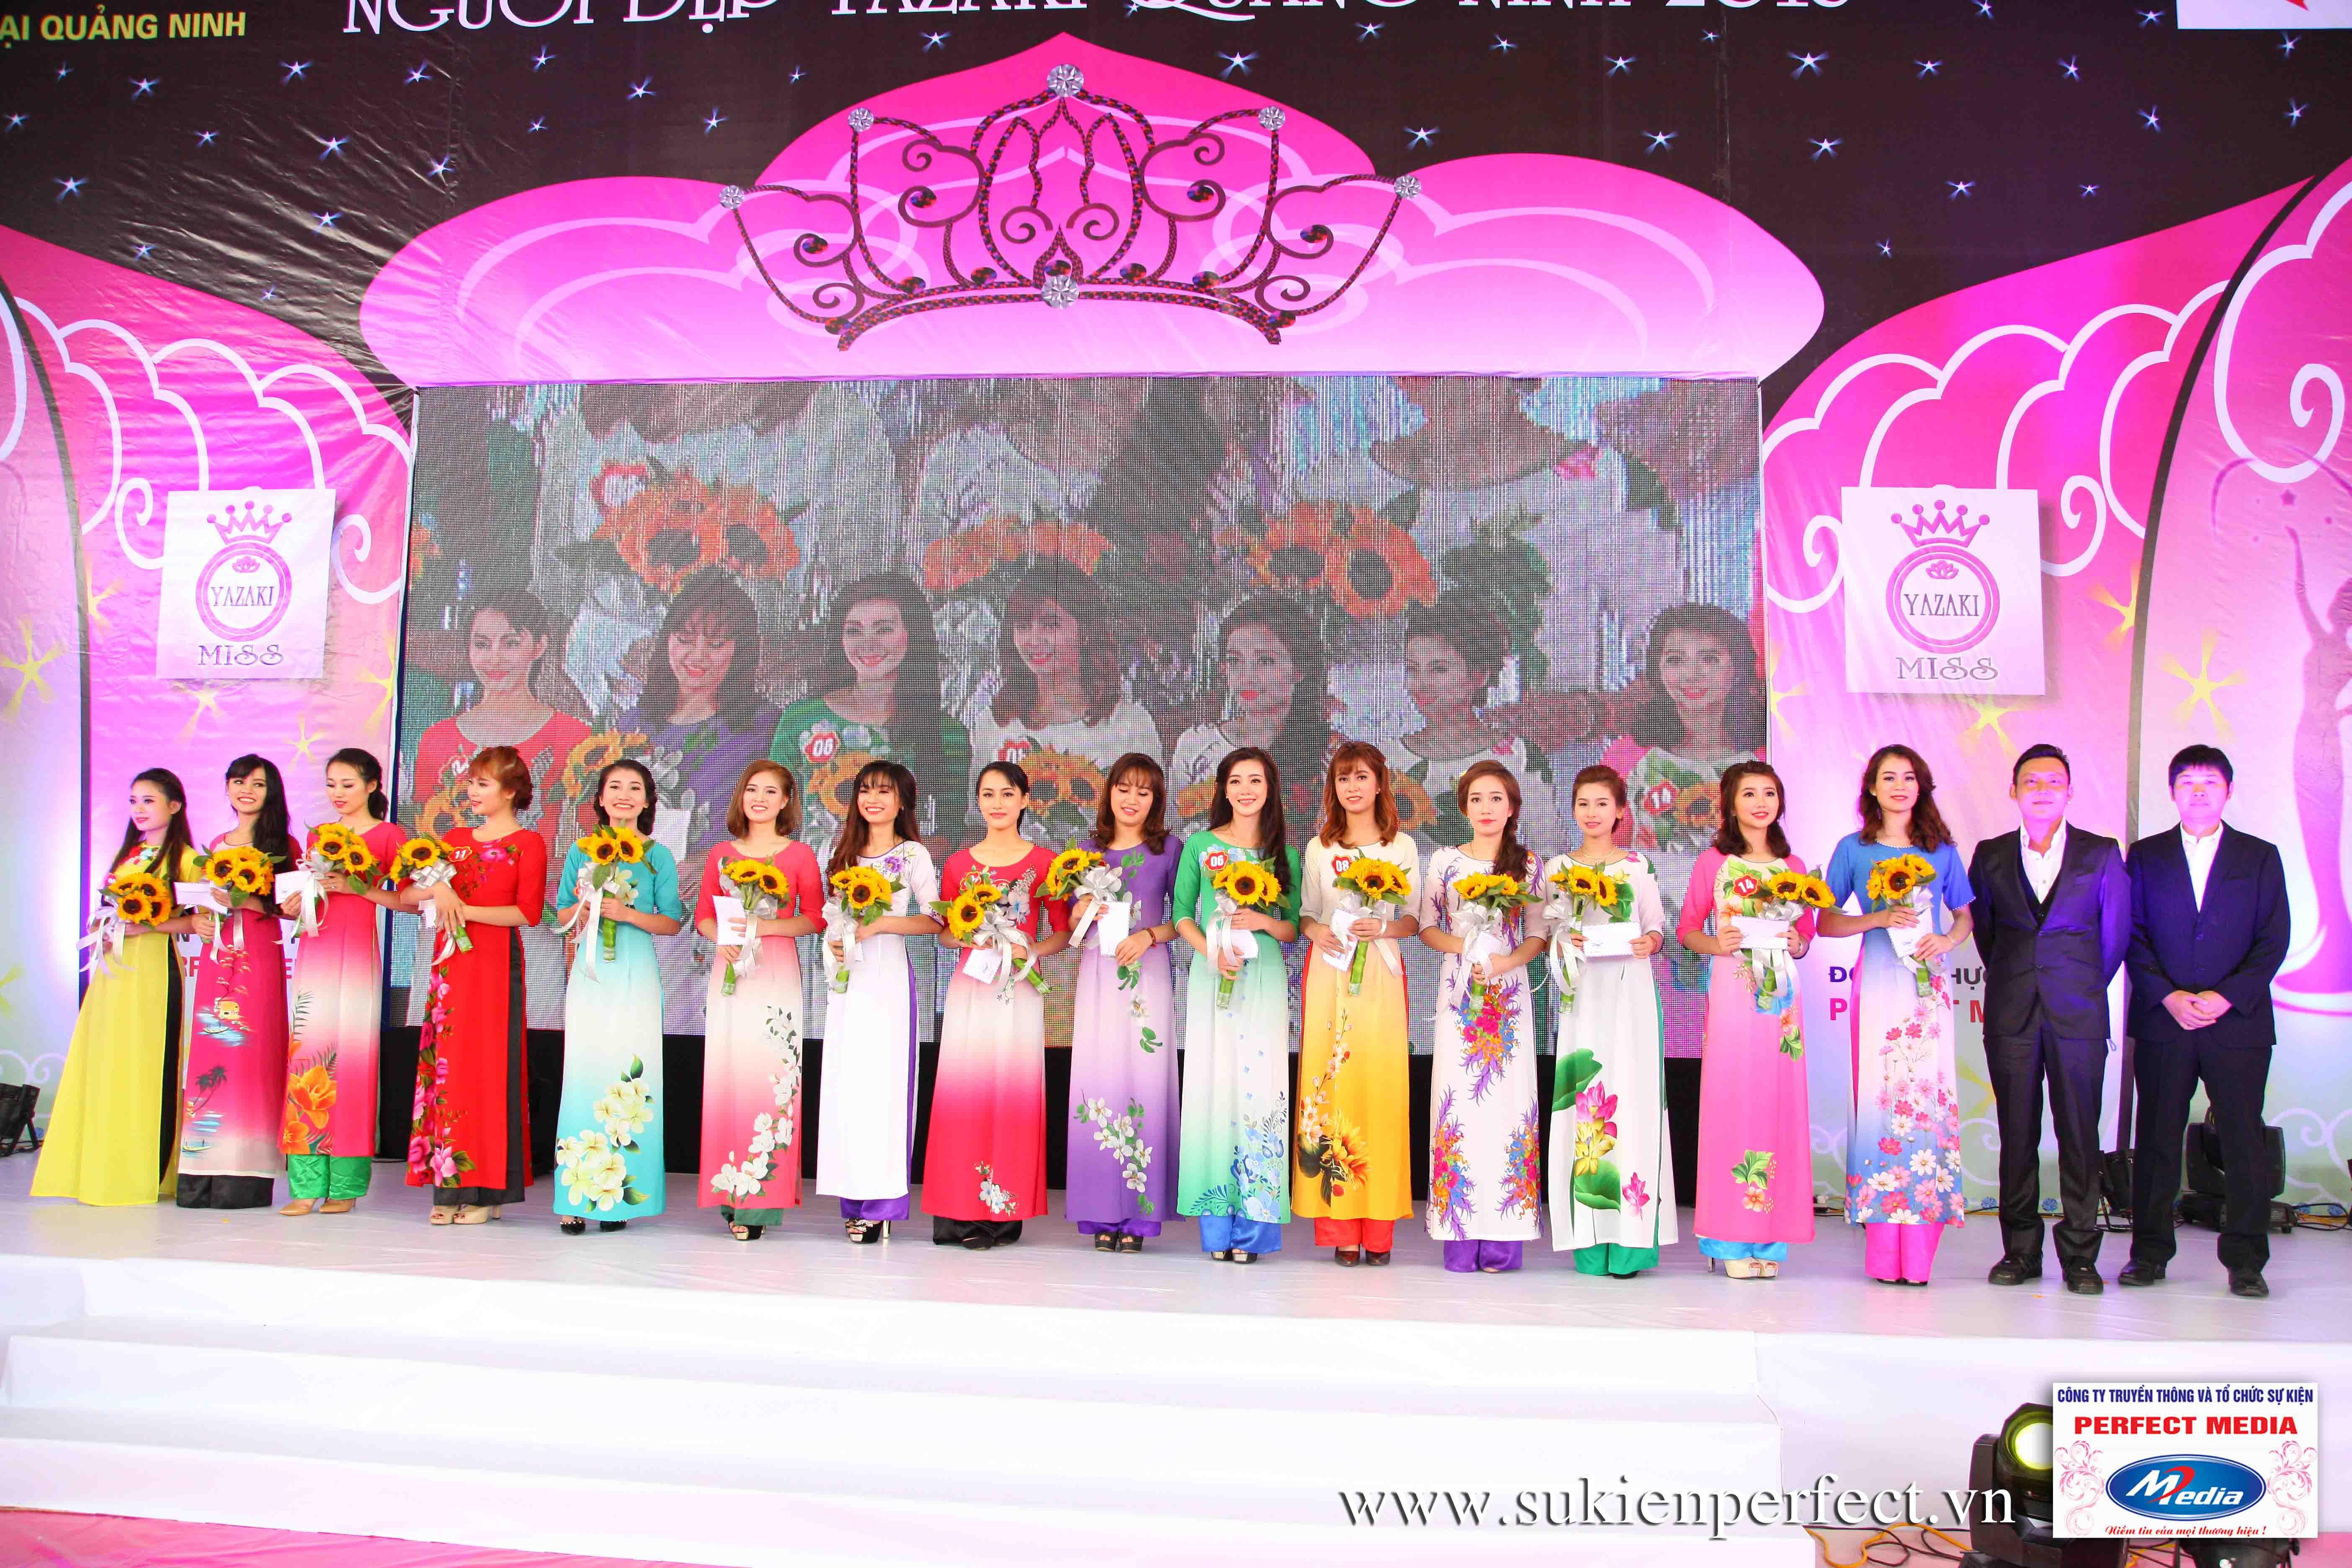 Hình ảnh các người đẹp trong sự kiện Người đẹp Yazaki Quảng Ninh 2016 (Màn đăng quang) - 08